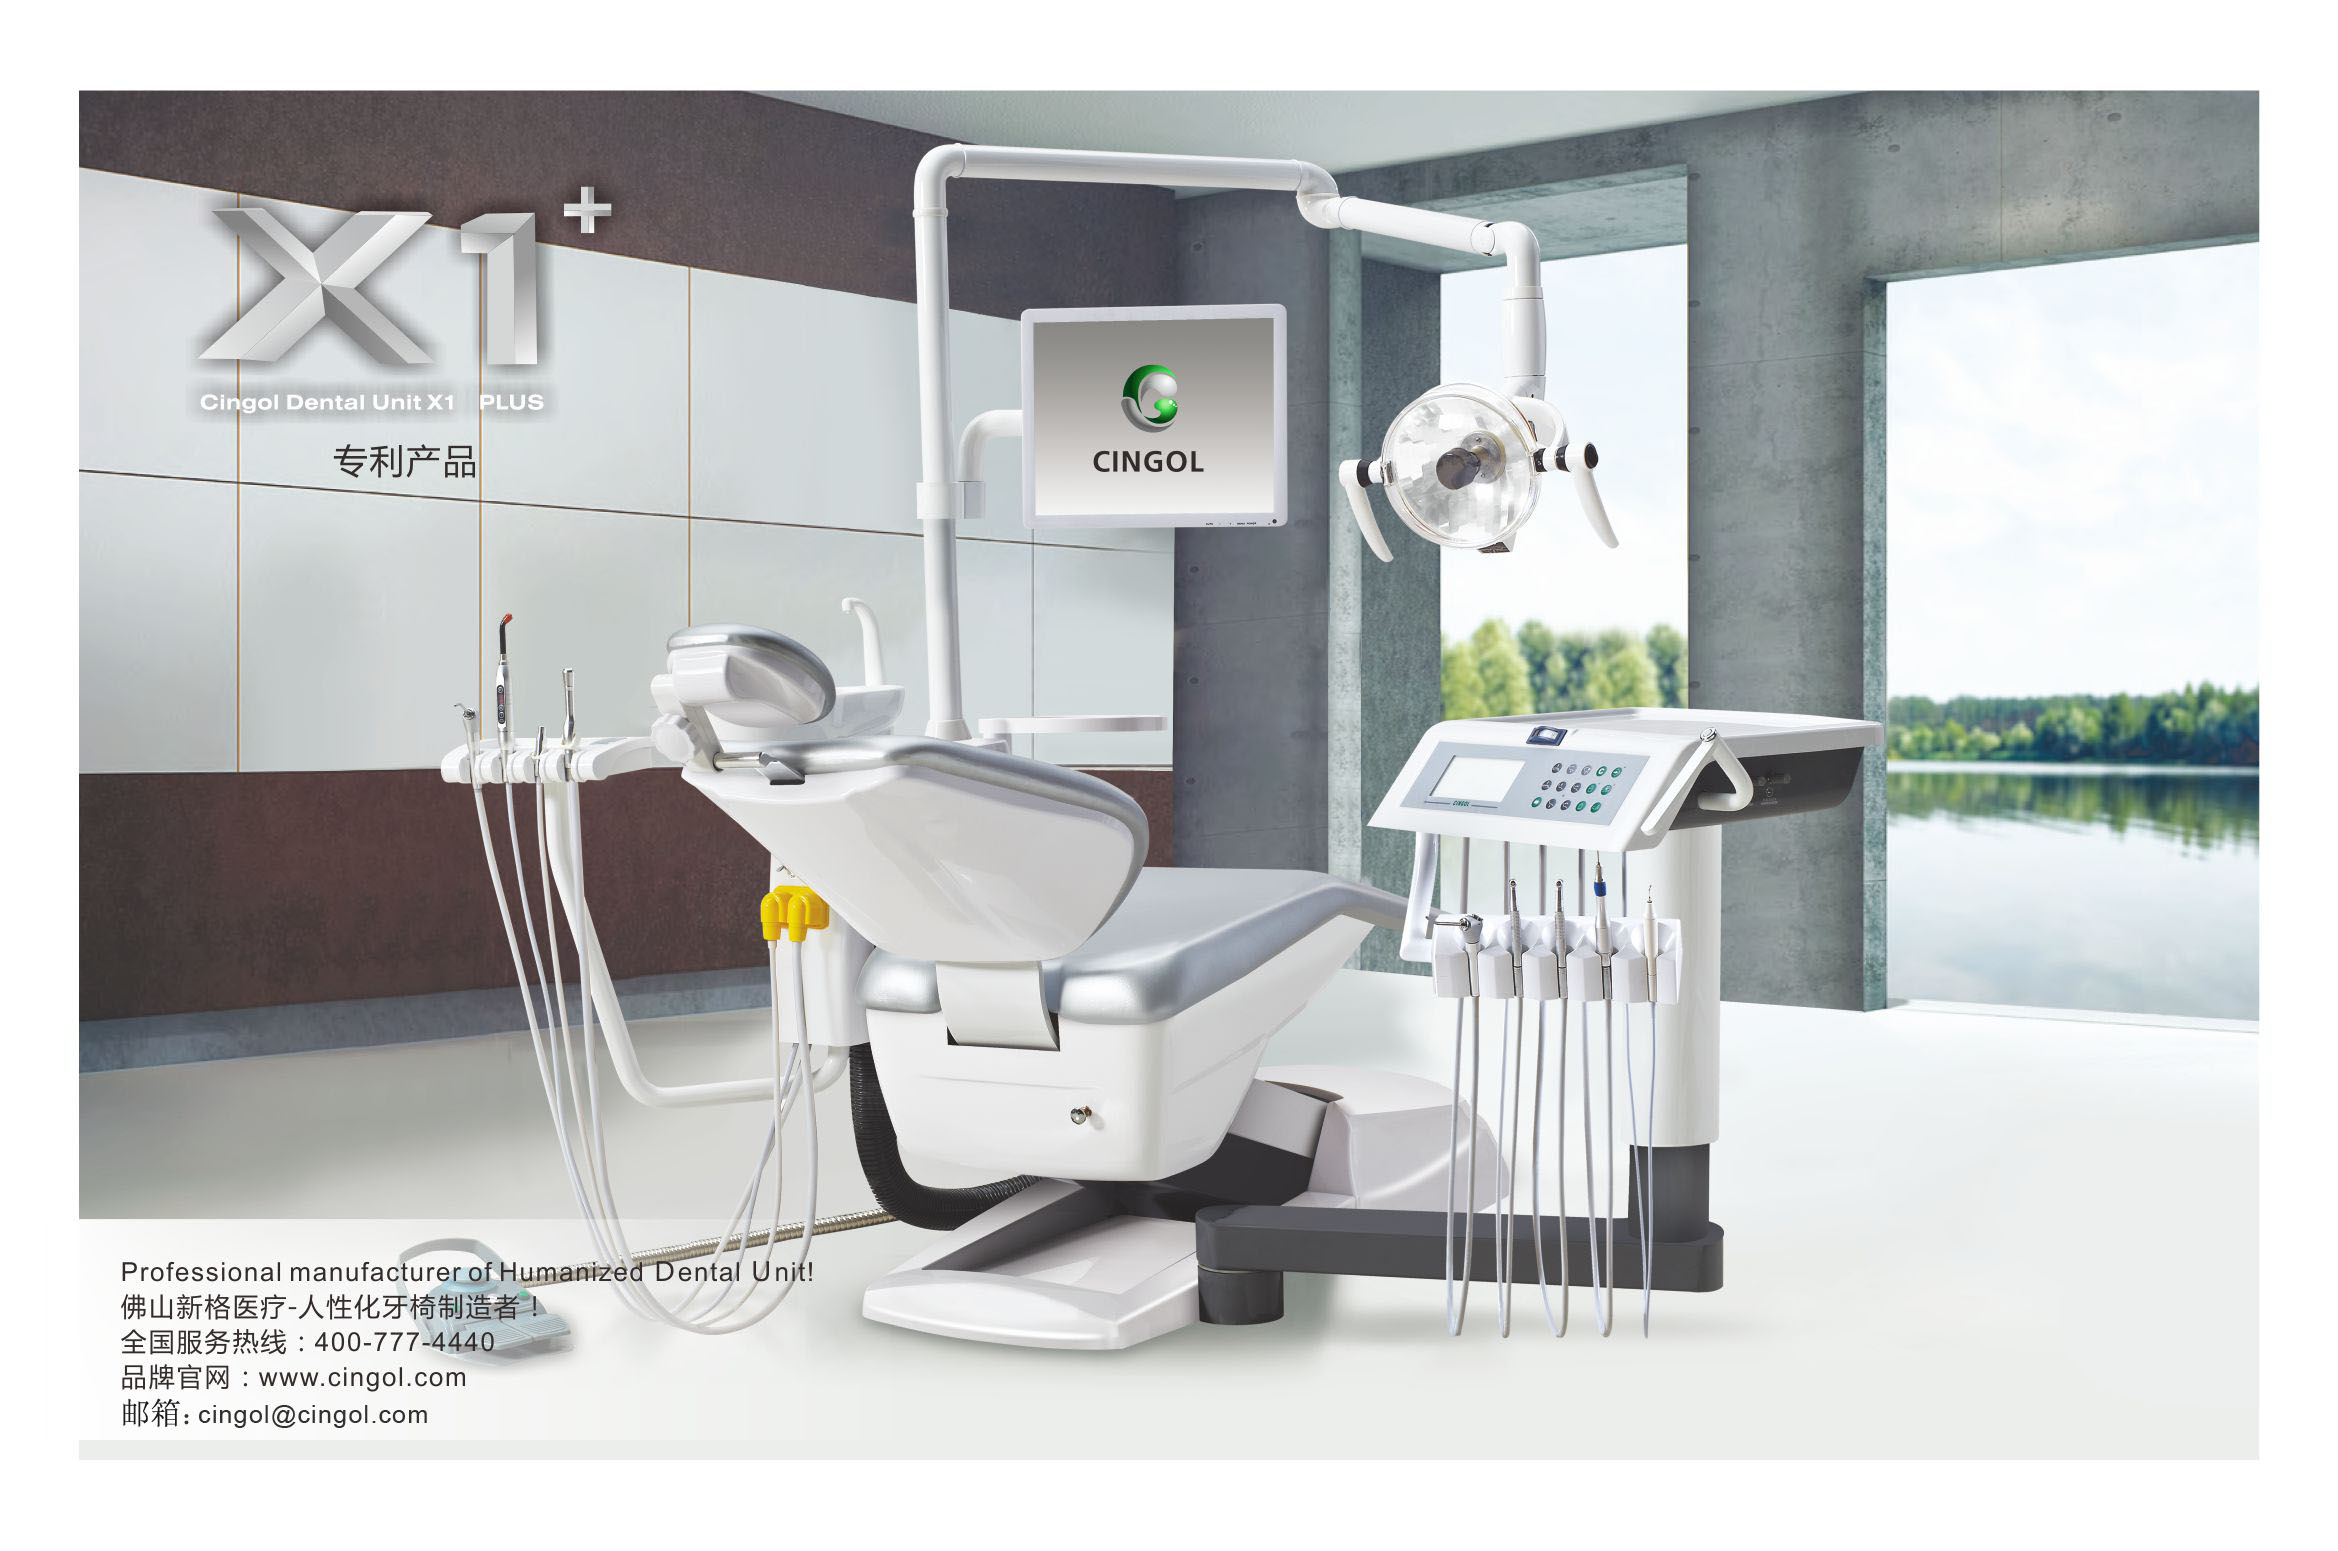 供应南雄新格口腔综合治疗椅X1+、新格医疗牙科综合治疗台广东厂家、口腔综合治疗椅品牌